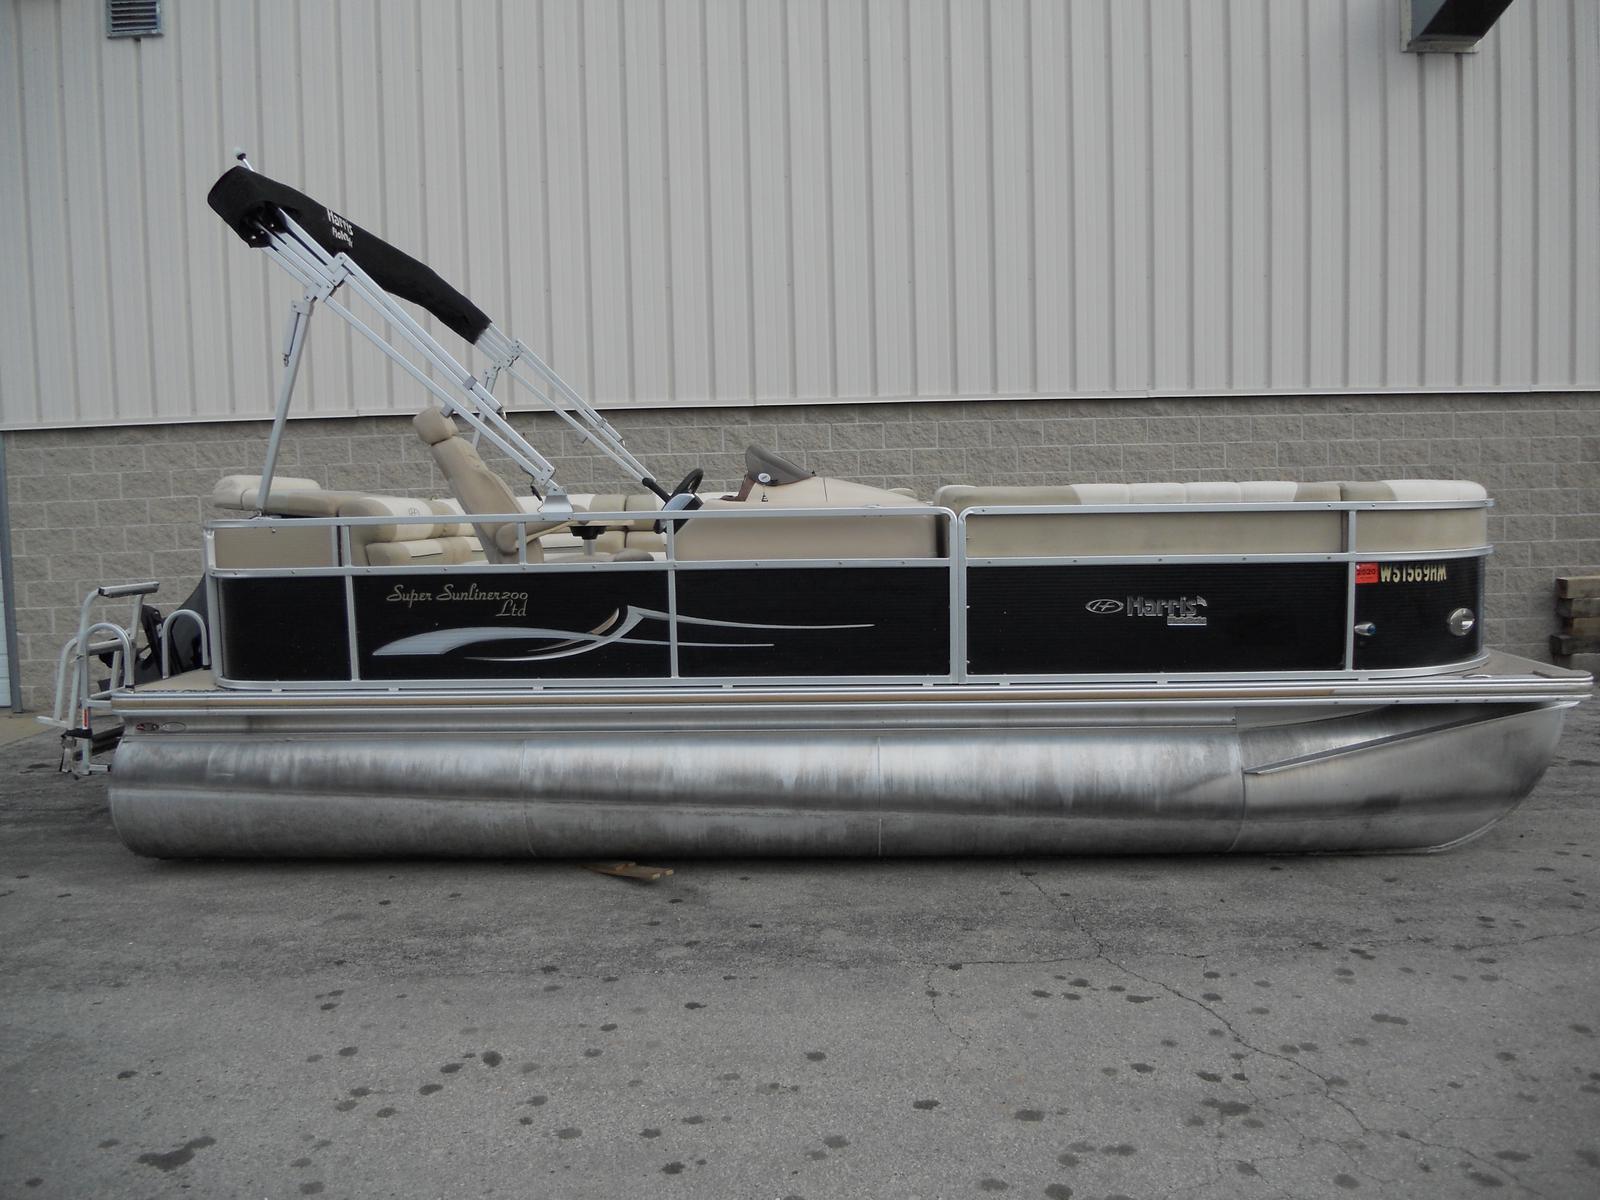 Harris Super Sunliner LTD 200